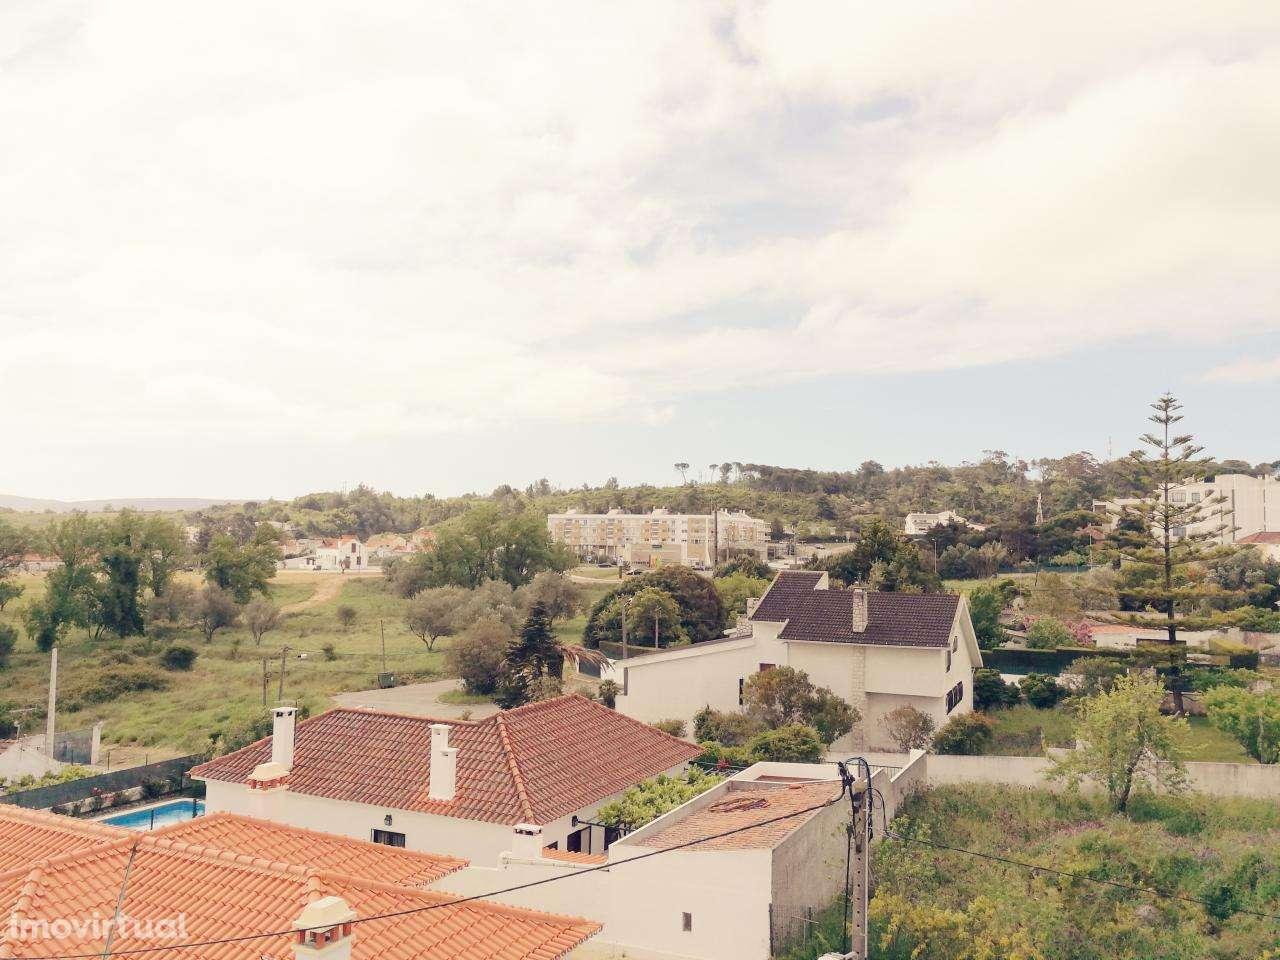 Apartamento para comprar, Castelo (Sesimbra), Sesimbra, Setúbal - Foto 25